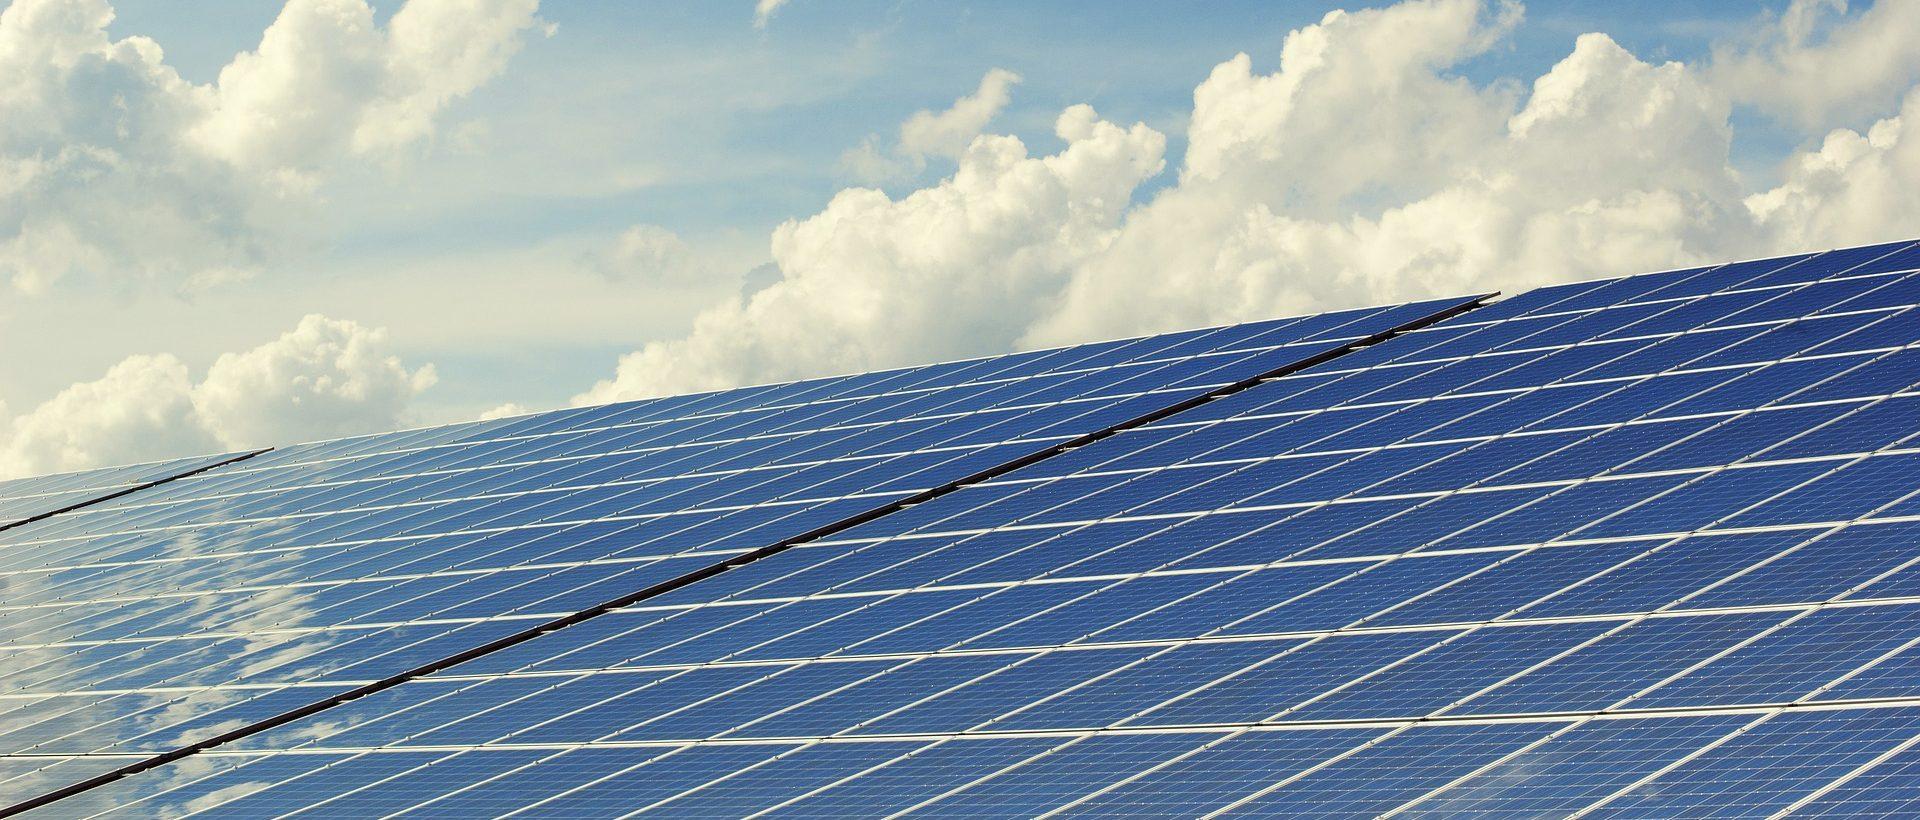 美企GameChange Solar正在生产超过1GW追踪器助力德州太阳能项目